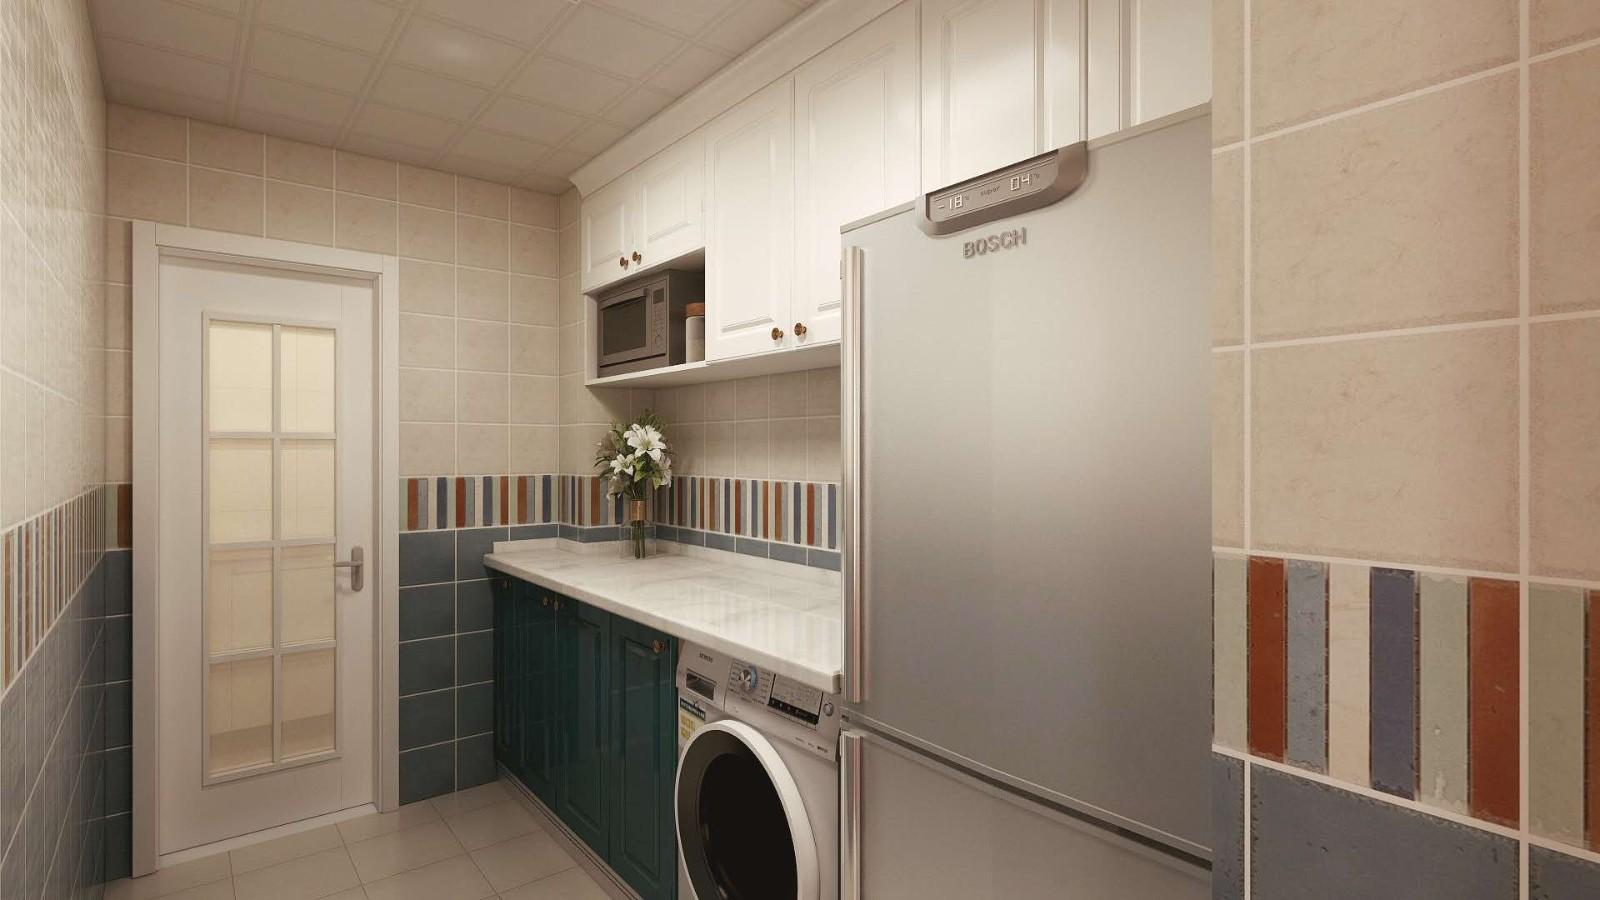 2020美式廚房裝修圖 2020美式櫥柜裝修效果圖片